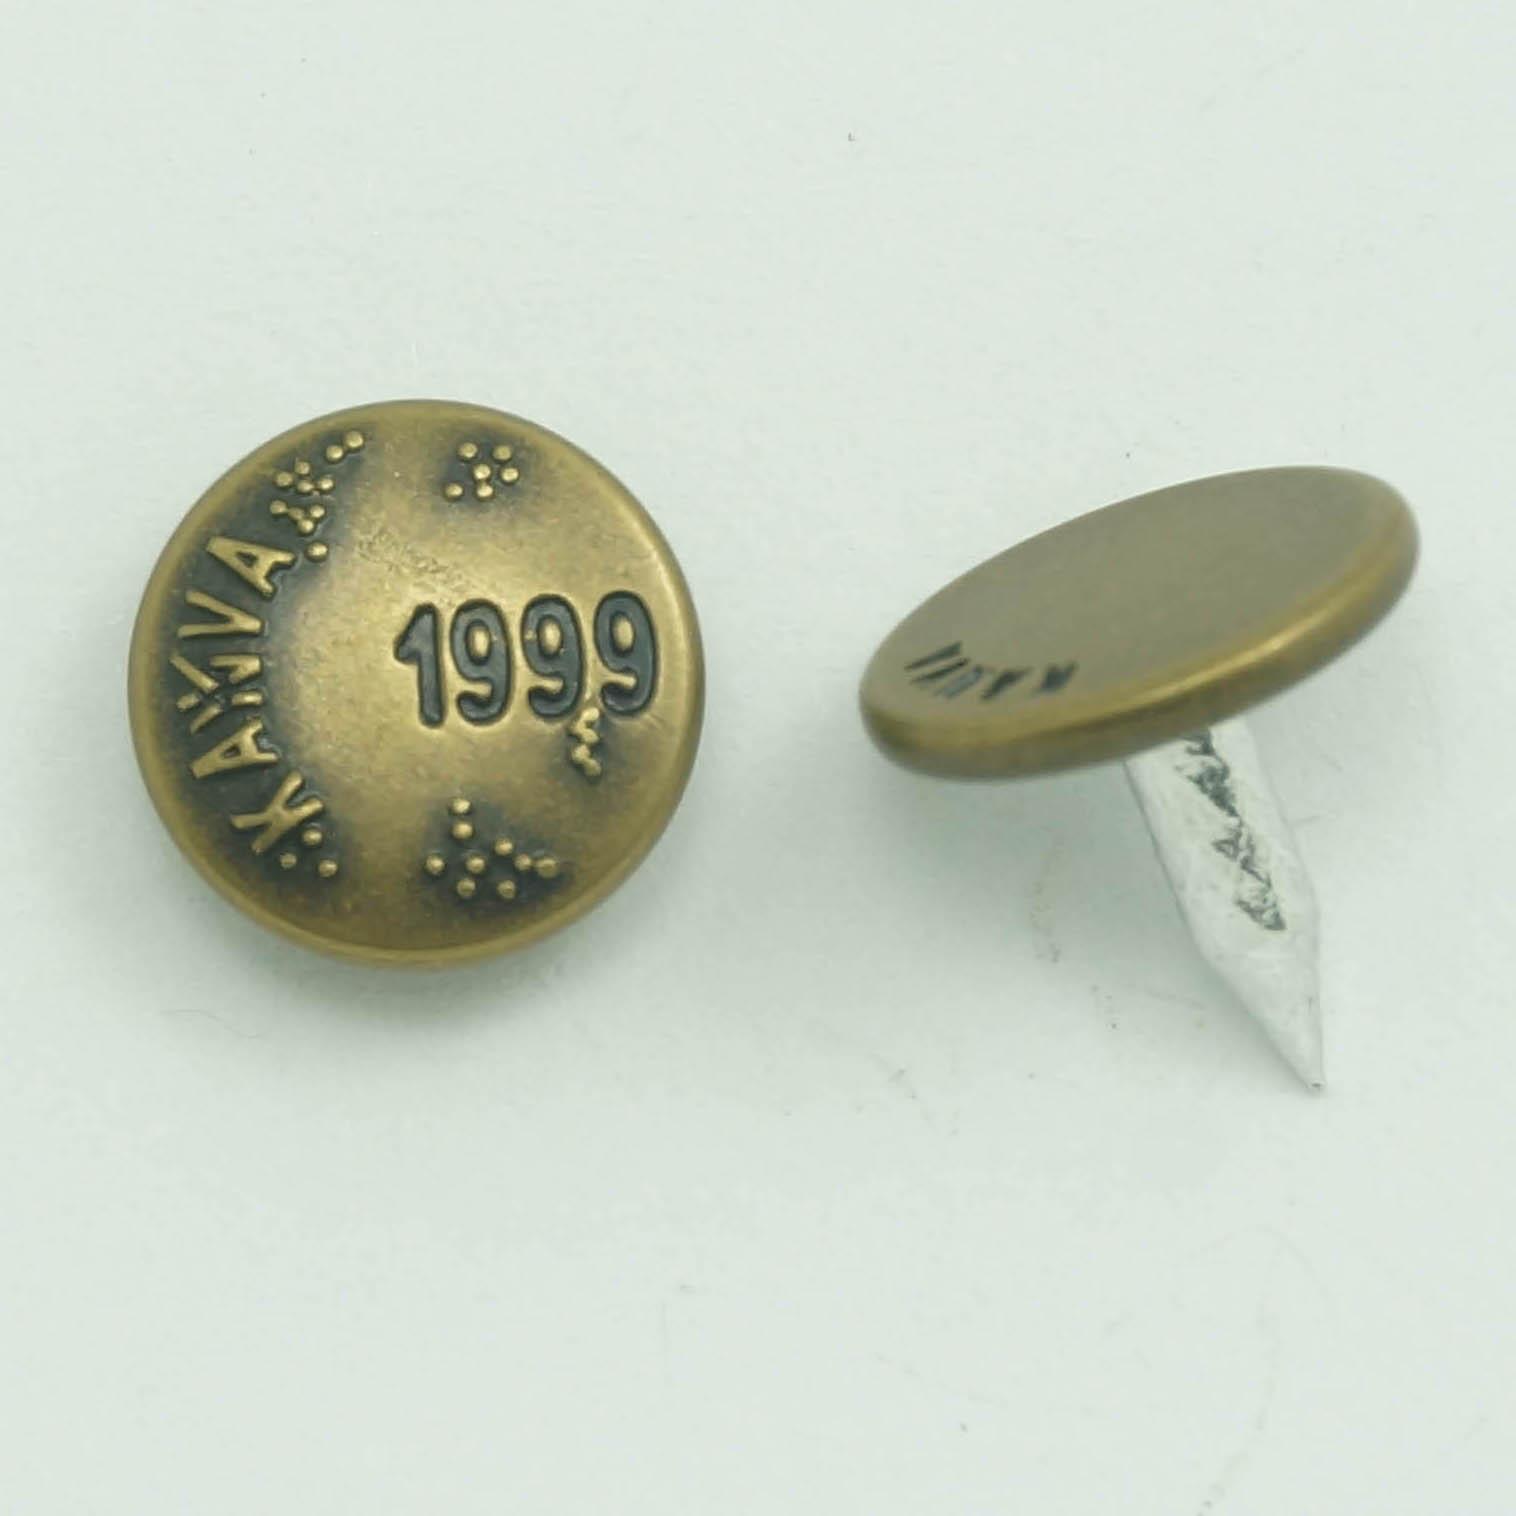 Nút tùy chỉnh I-Nút Pocket Rivets Góc Knuckles Nút Vintage Metal Cap Nail Túi da Boots Nút đinh